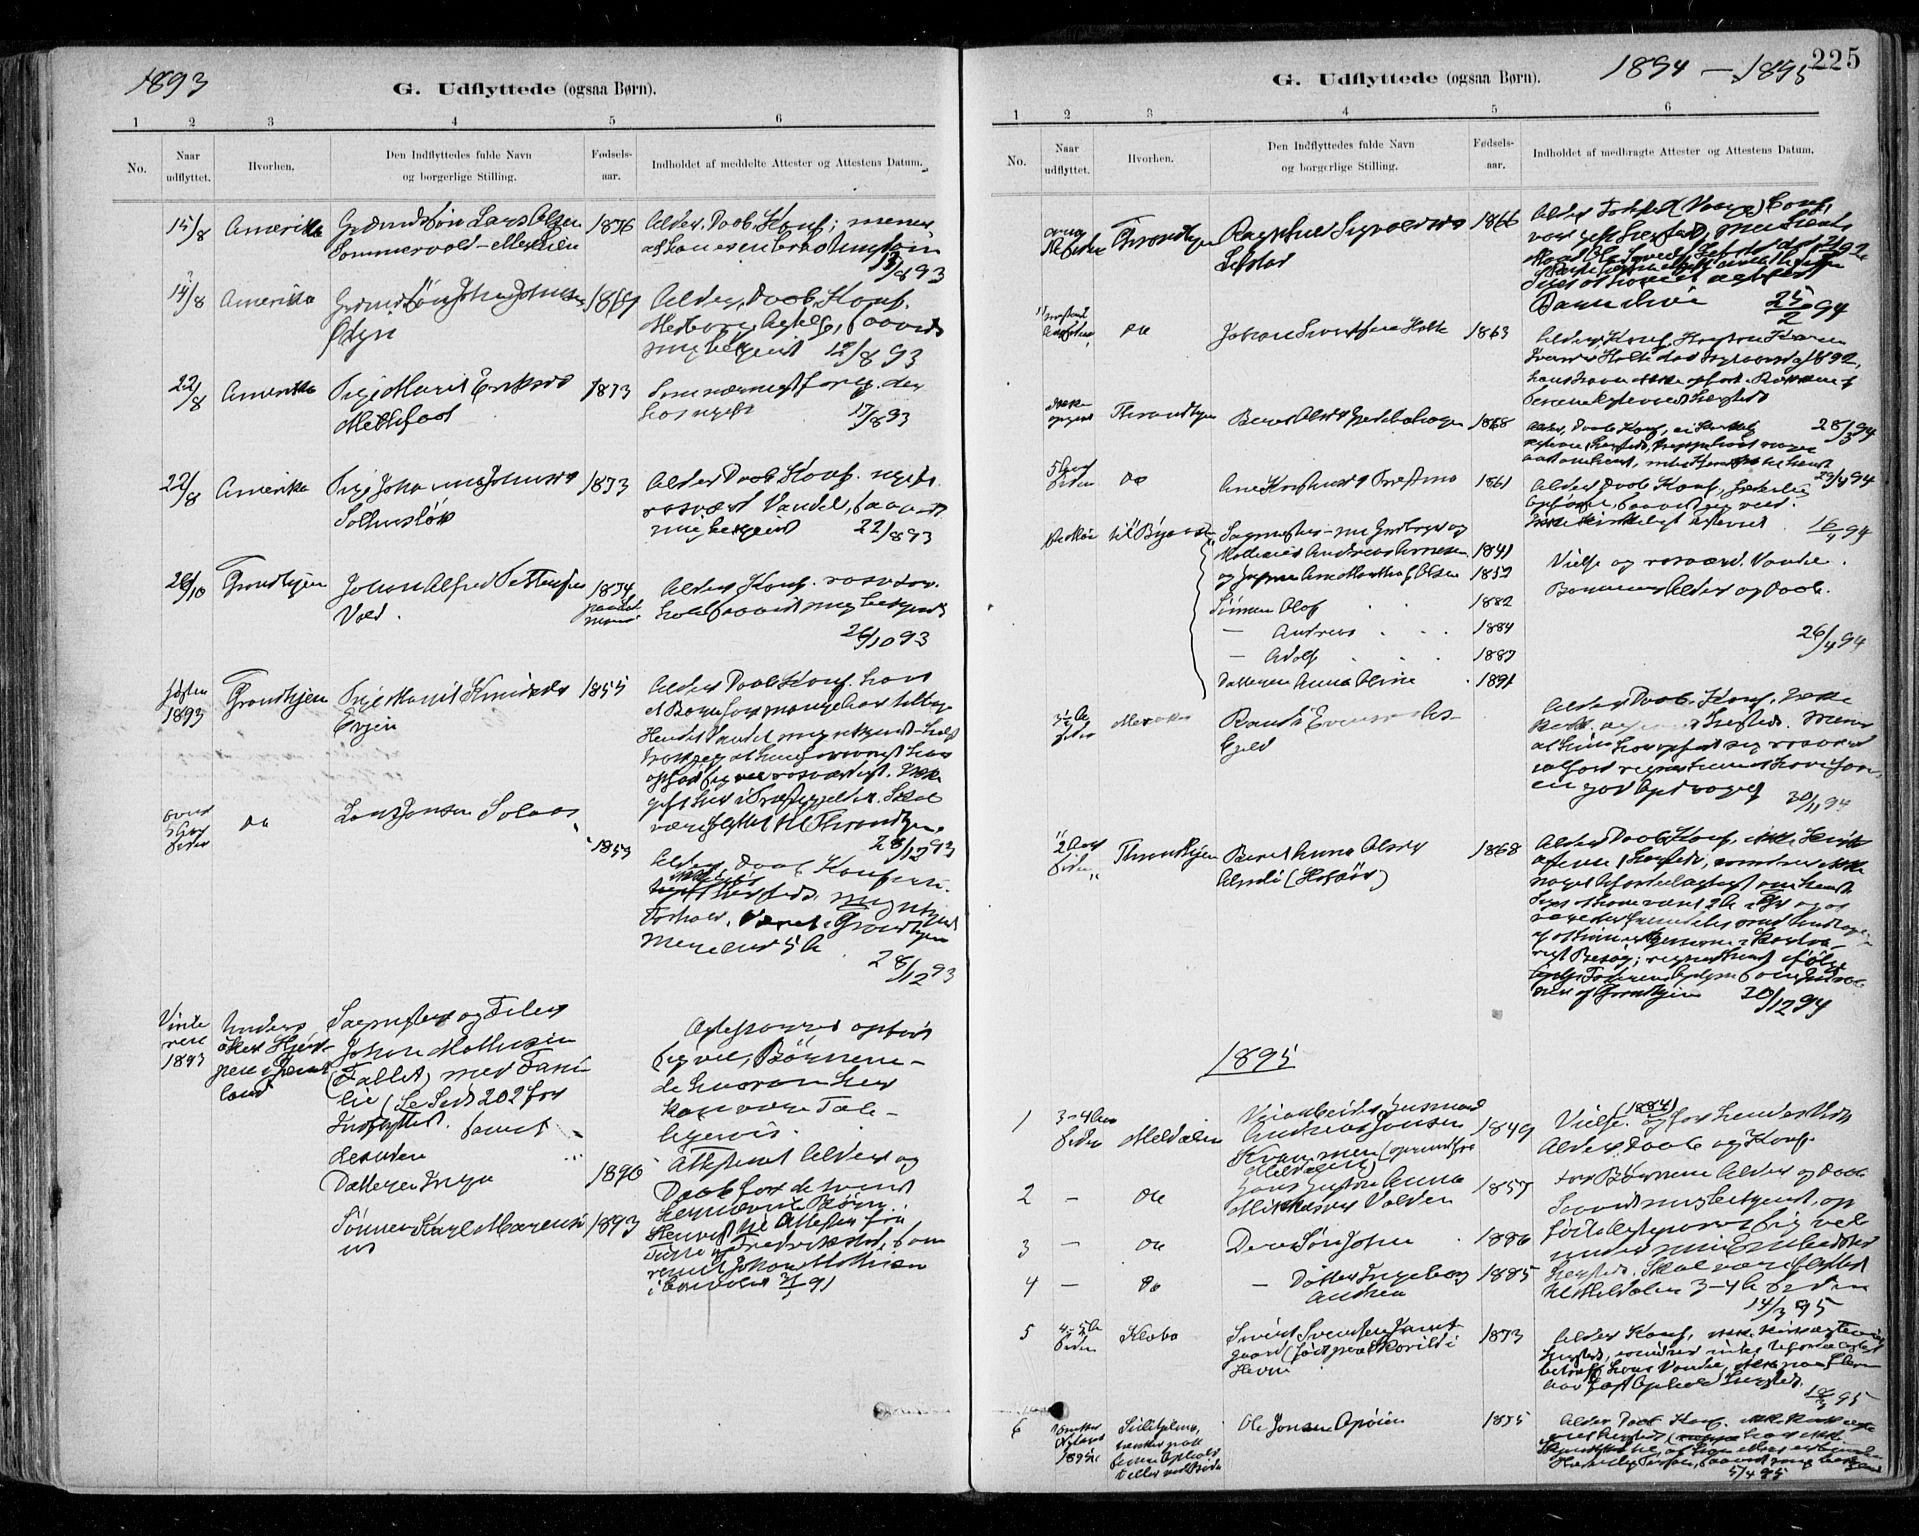 SAT, Ministerialprotokoller, klokkerbøker og fødselsregistre - Sør-Trøndelag, 668/L0810: Ministerialbok nr. 668A10, 1881-1894, s. 225